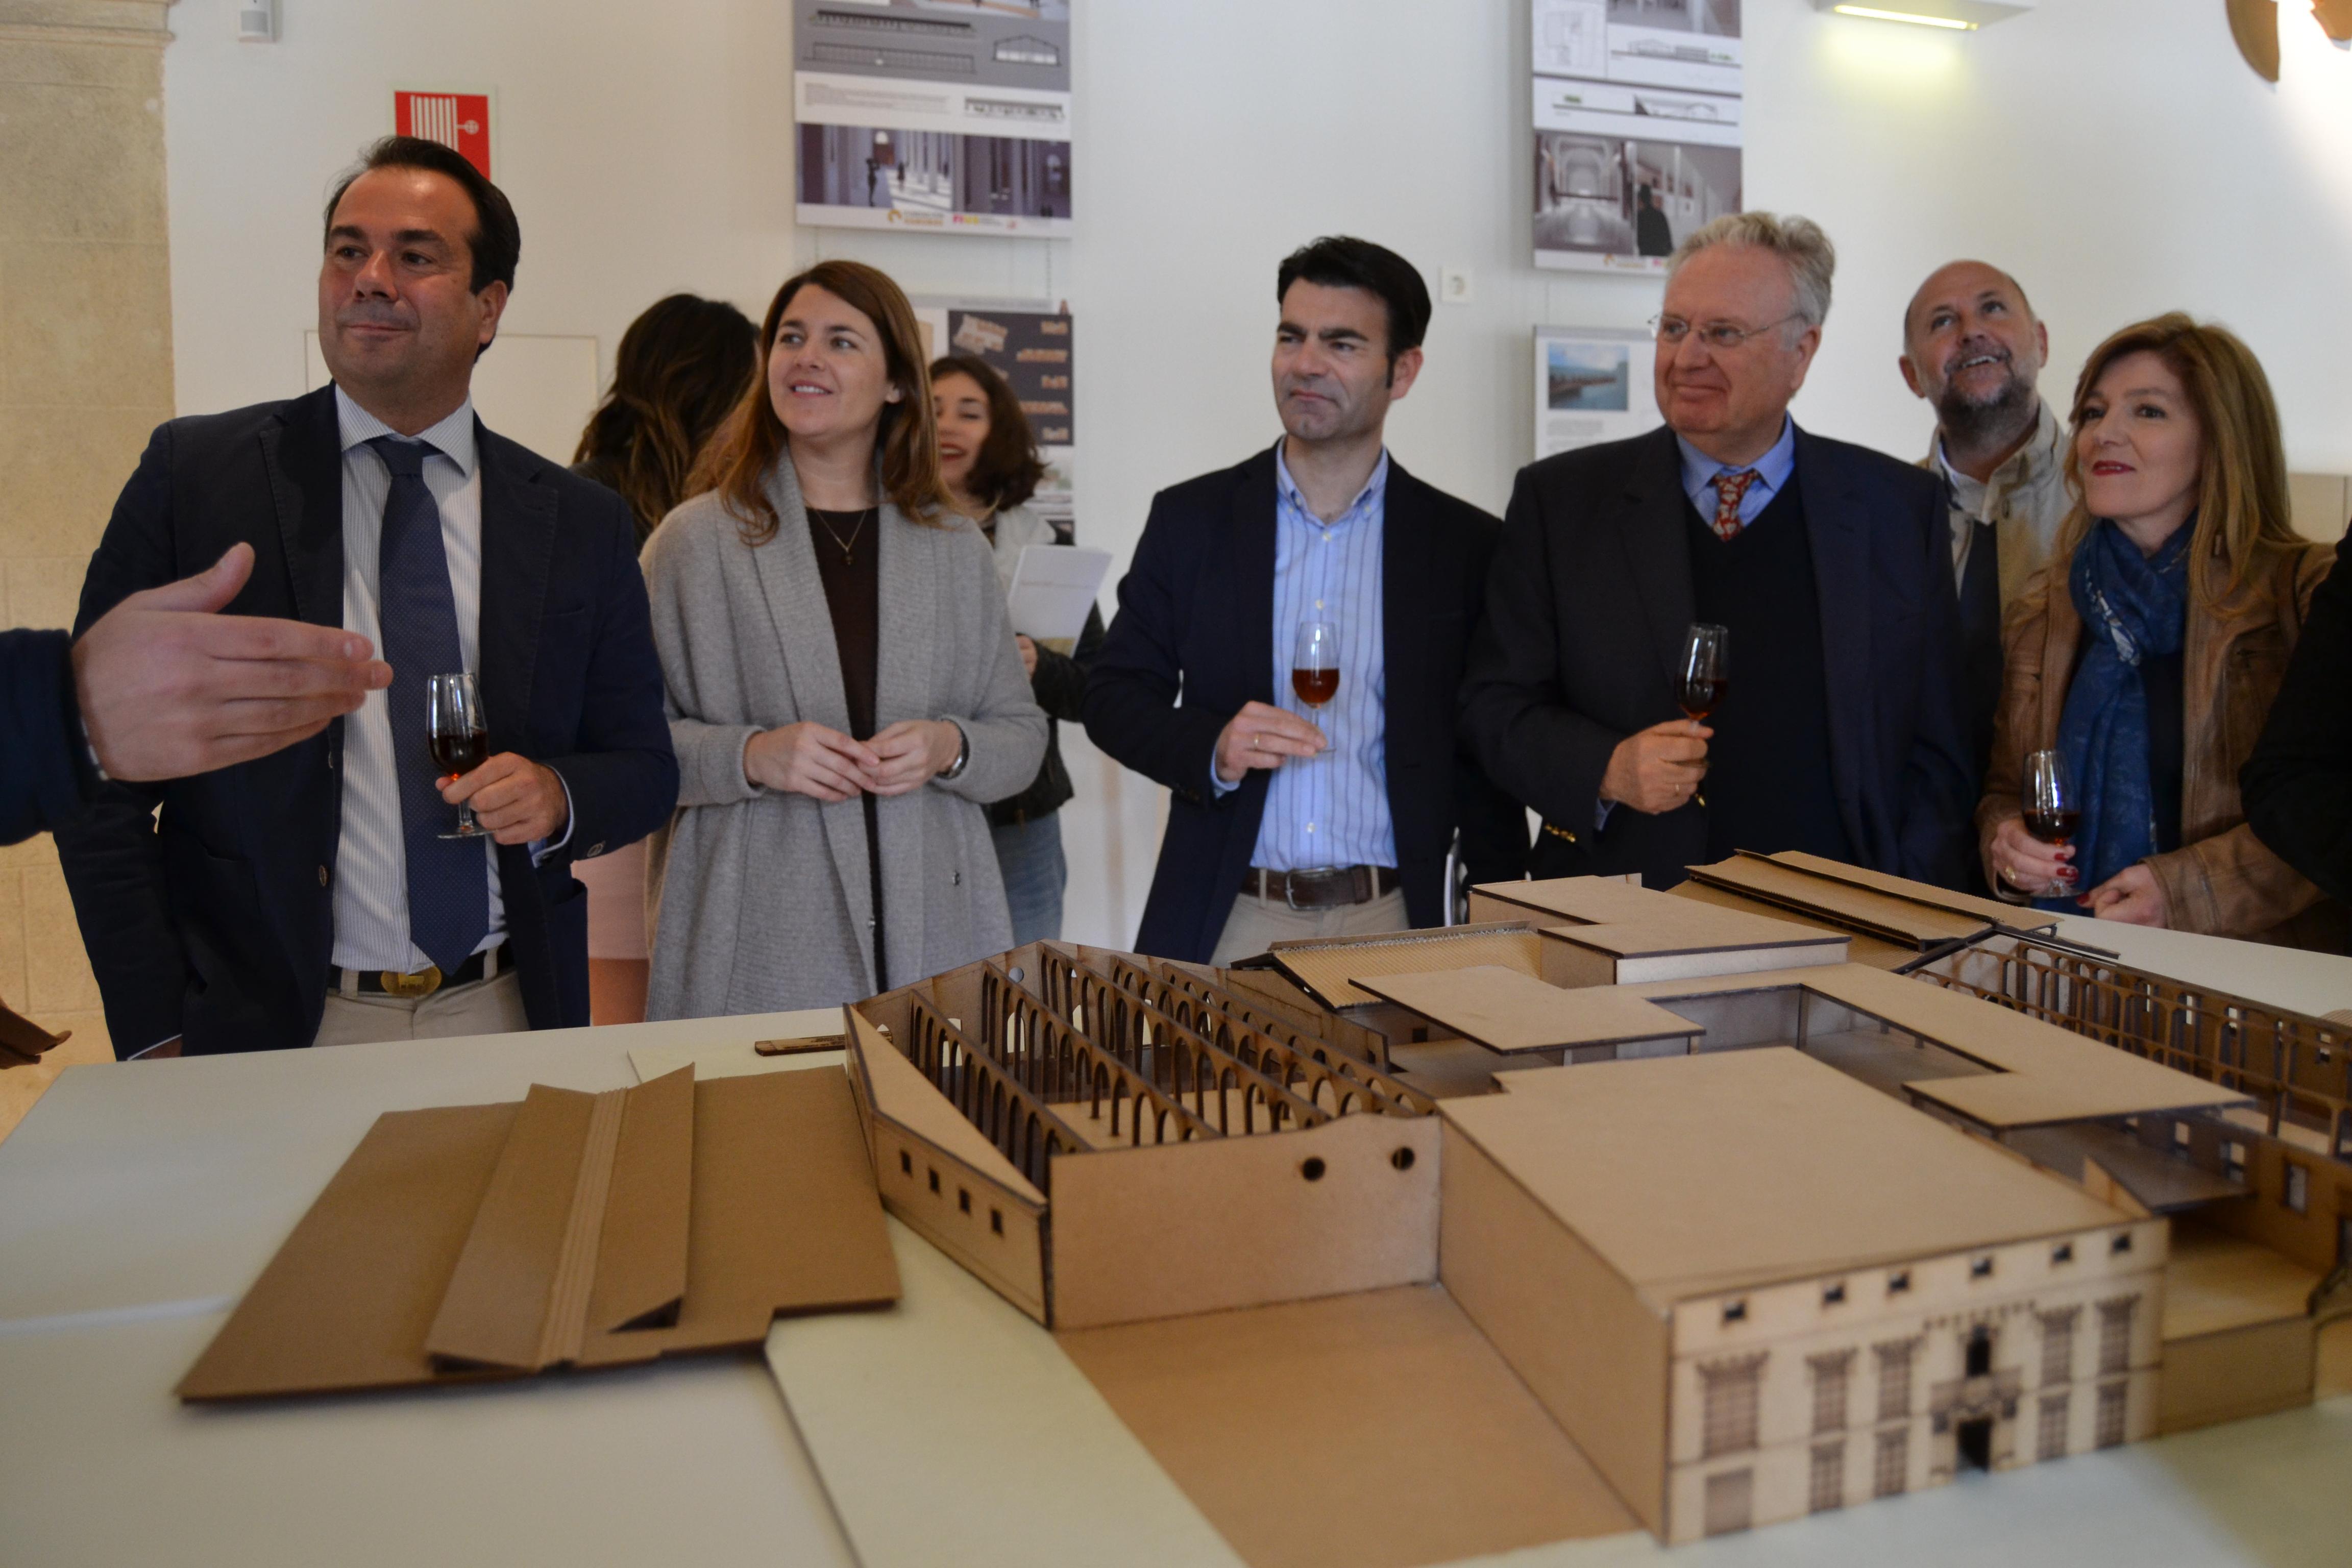 Aparece un alumno de Arquitectura presentando la maqueta de su proyecto, al presidente de la Fundación y a los medios de comunicación entre otros